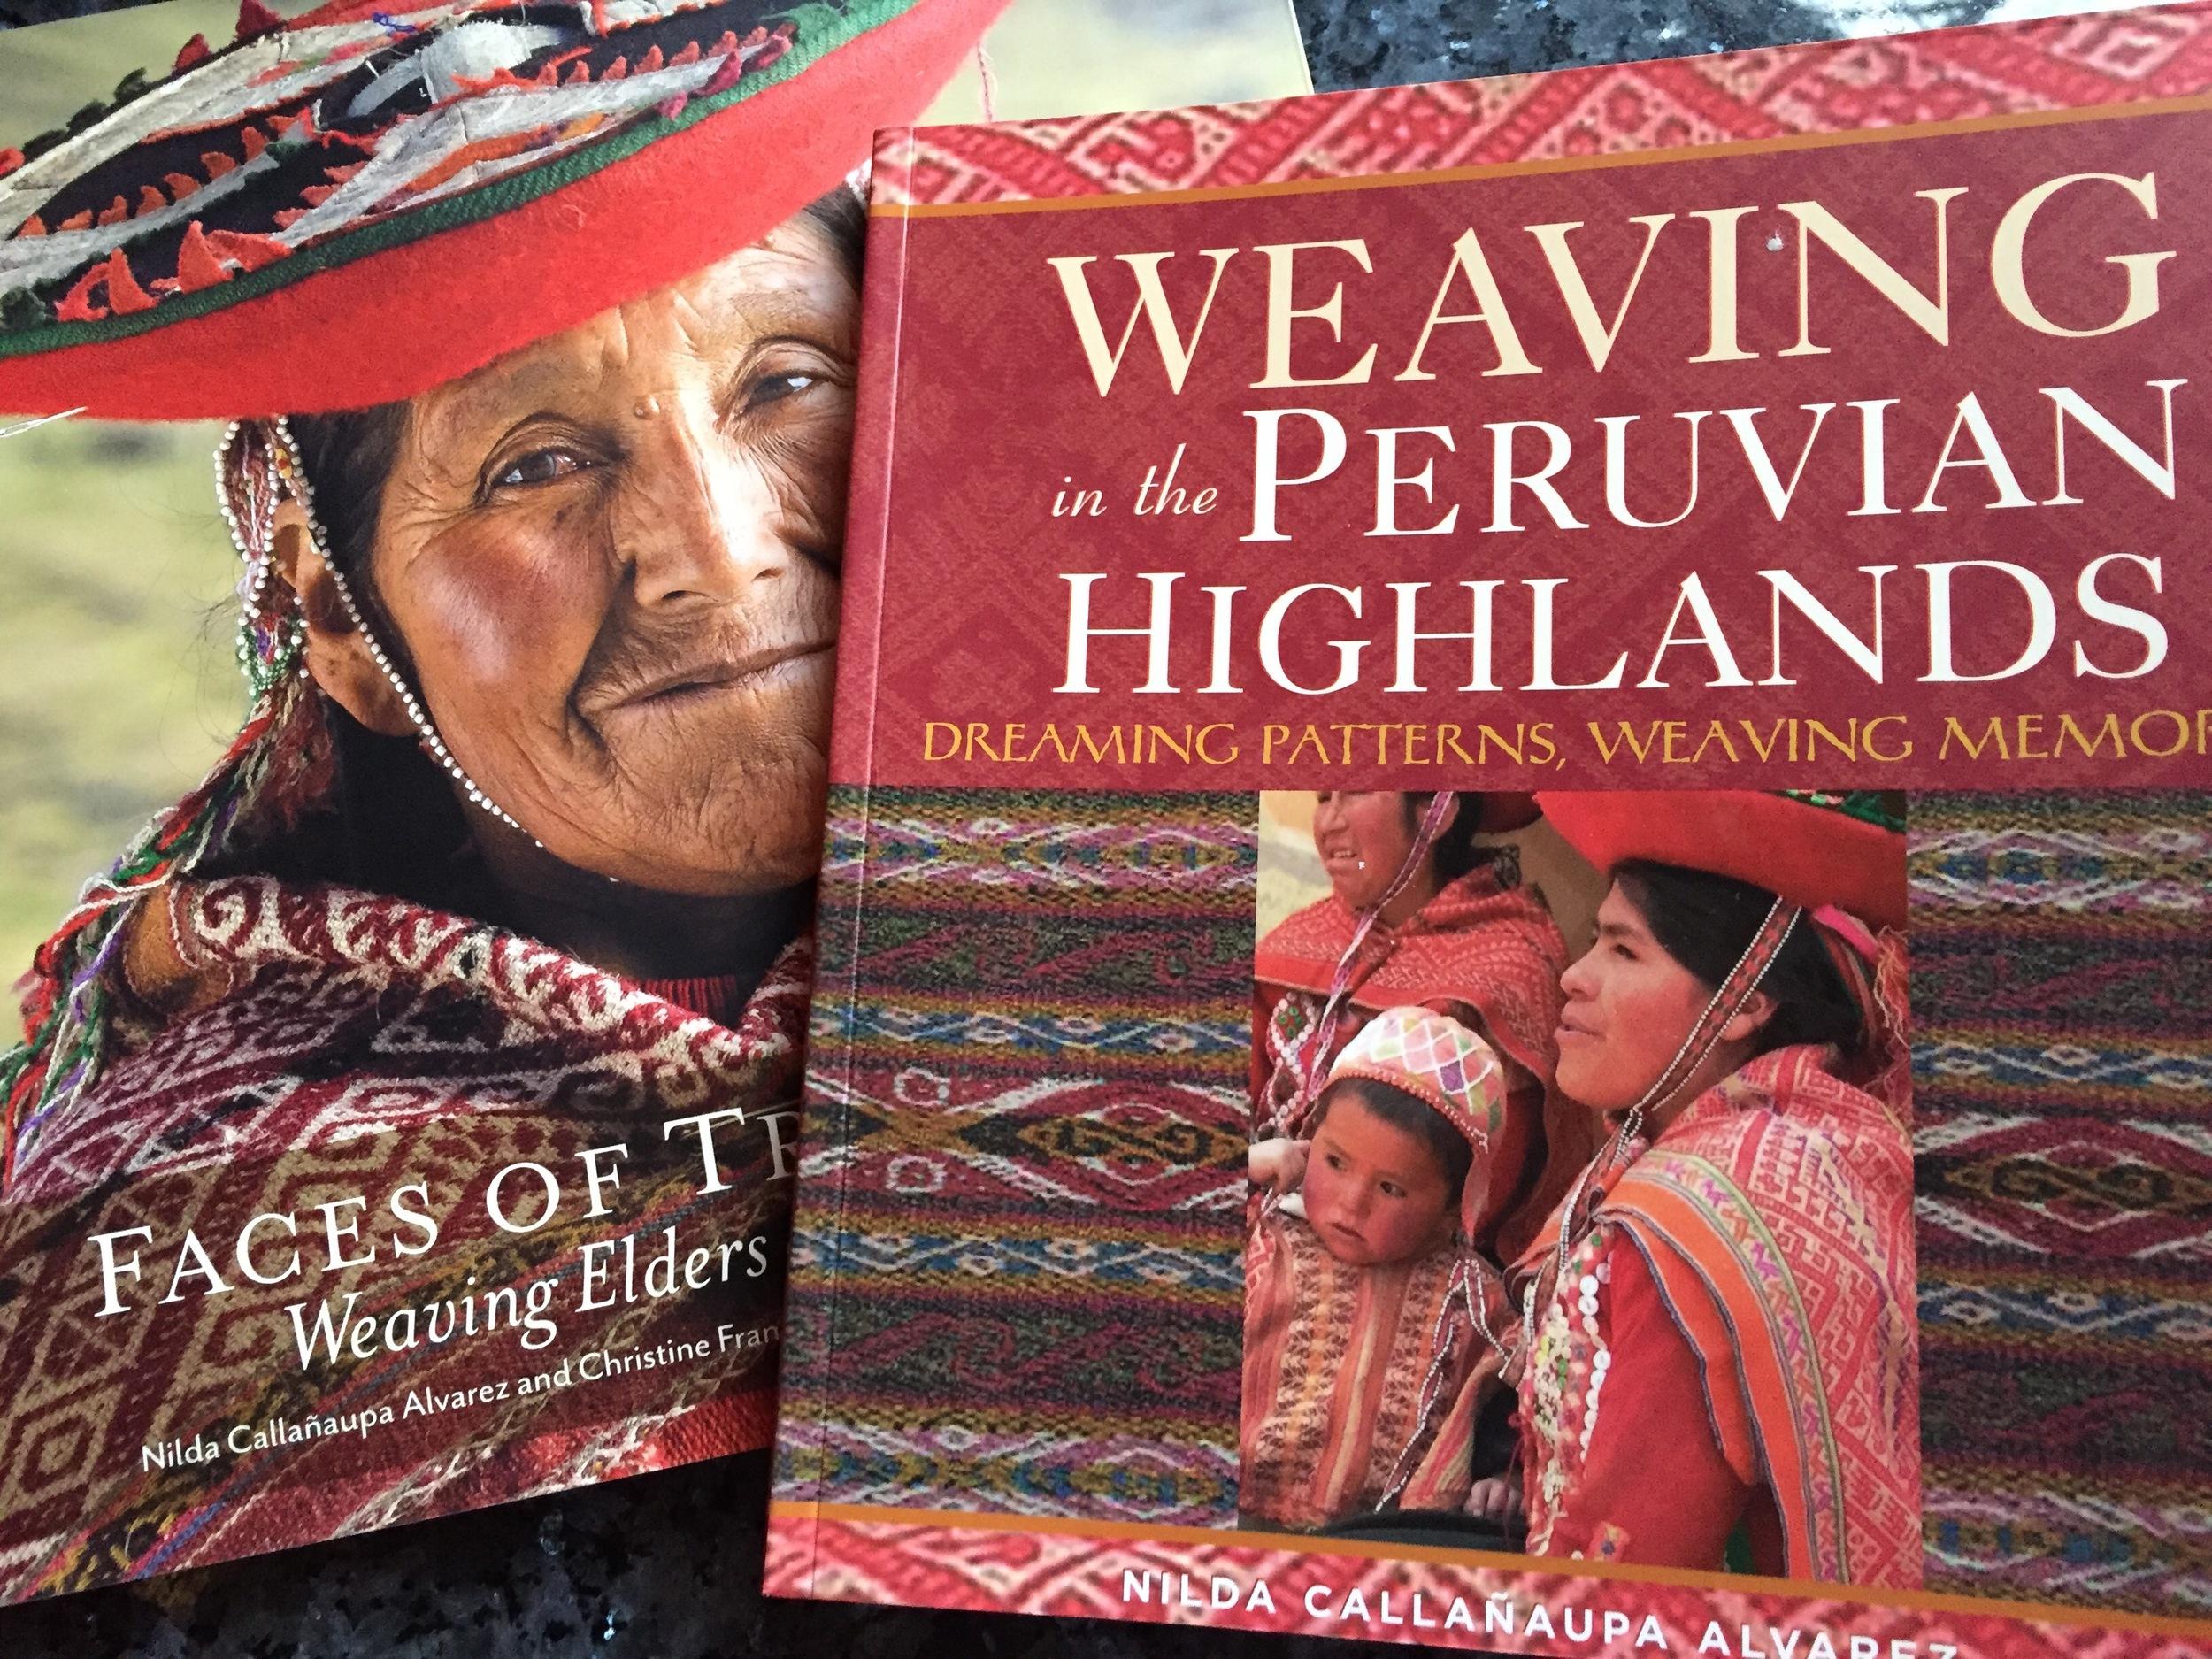 Du finner mange flotte bilder og svært interessant informasjon om tekstilene i Andesfjellene i disse bøkene av Nilda Callanaupa Alvarez. Også om strikking.